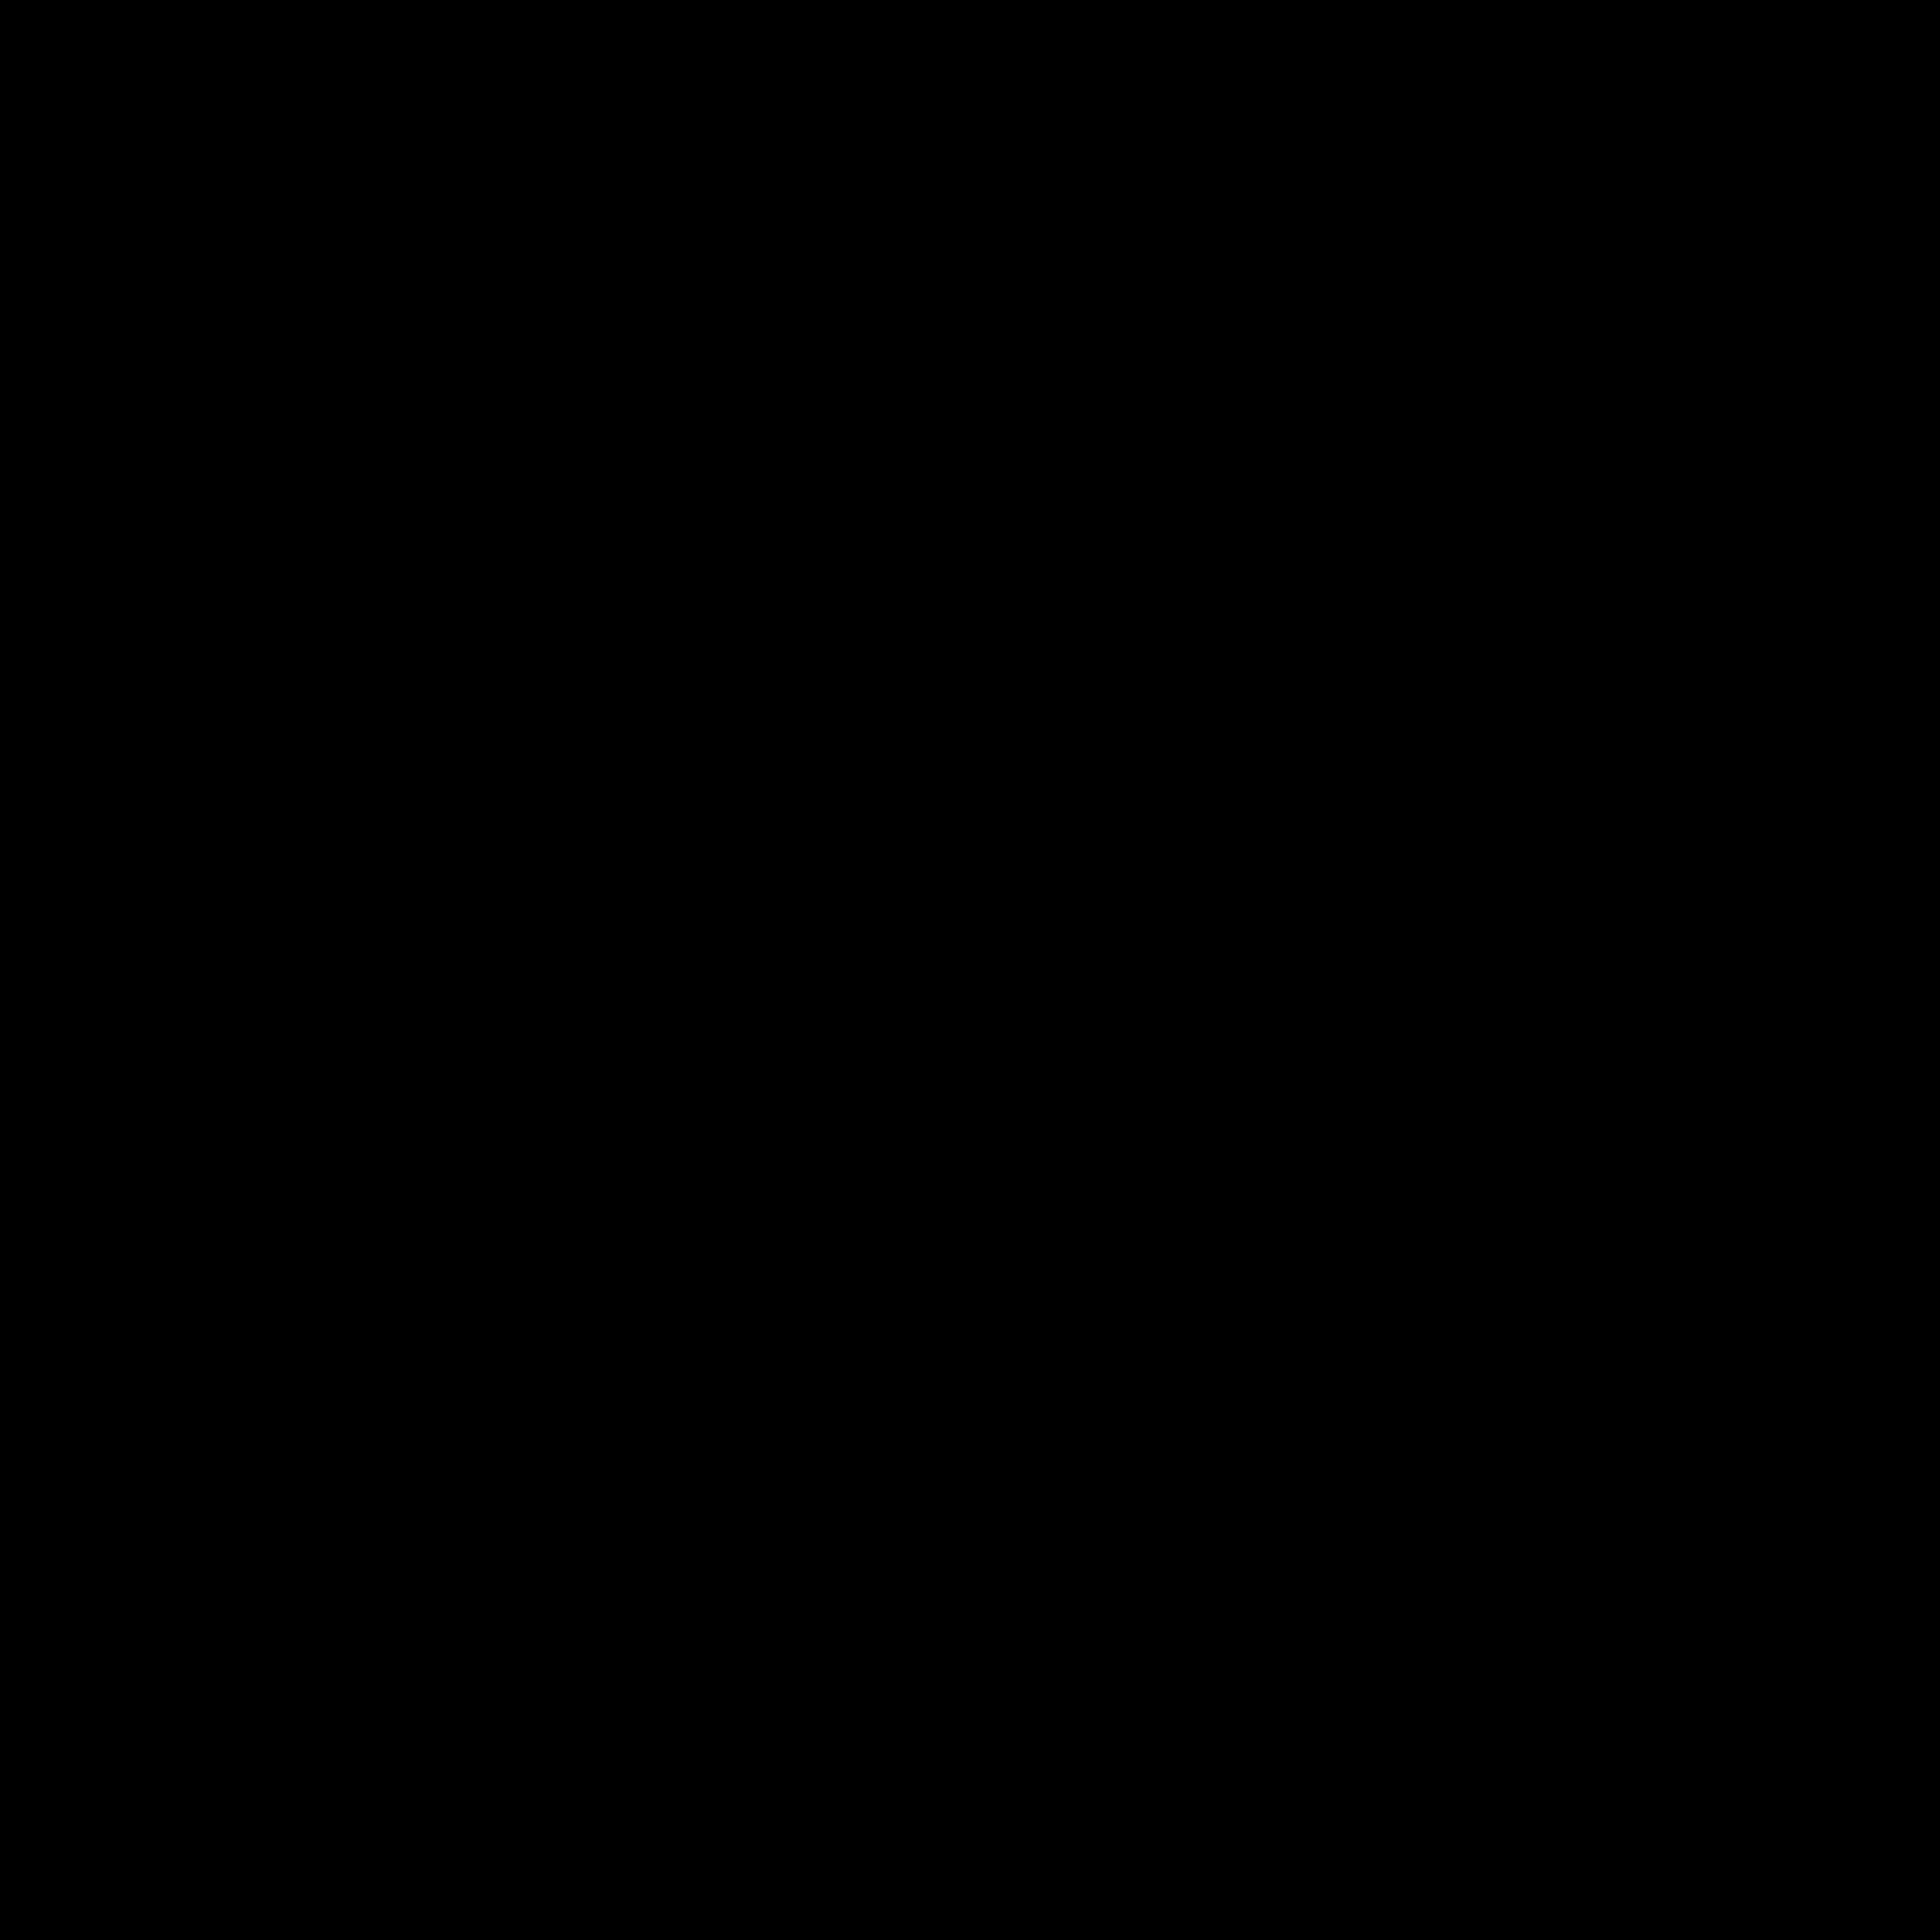 facebook-2048-black.png (2048×2048)   Resume   Pinterest   Business